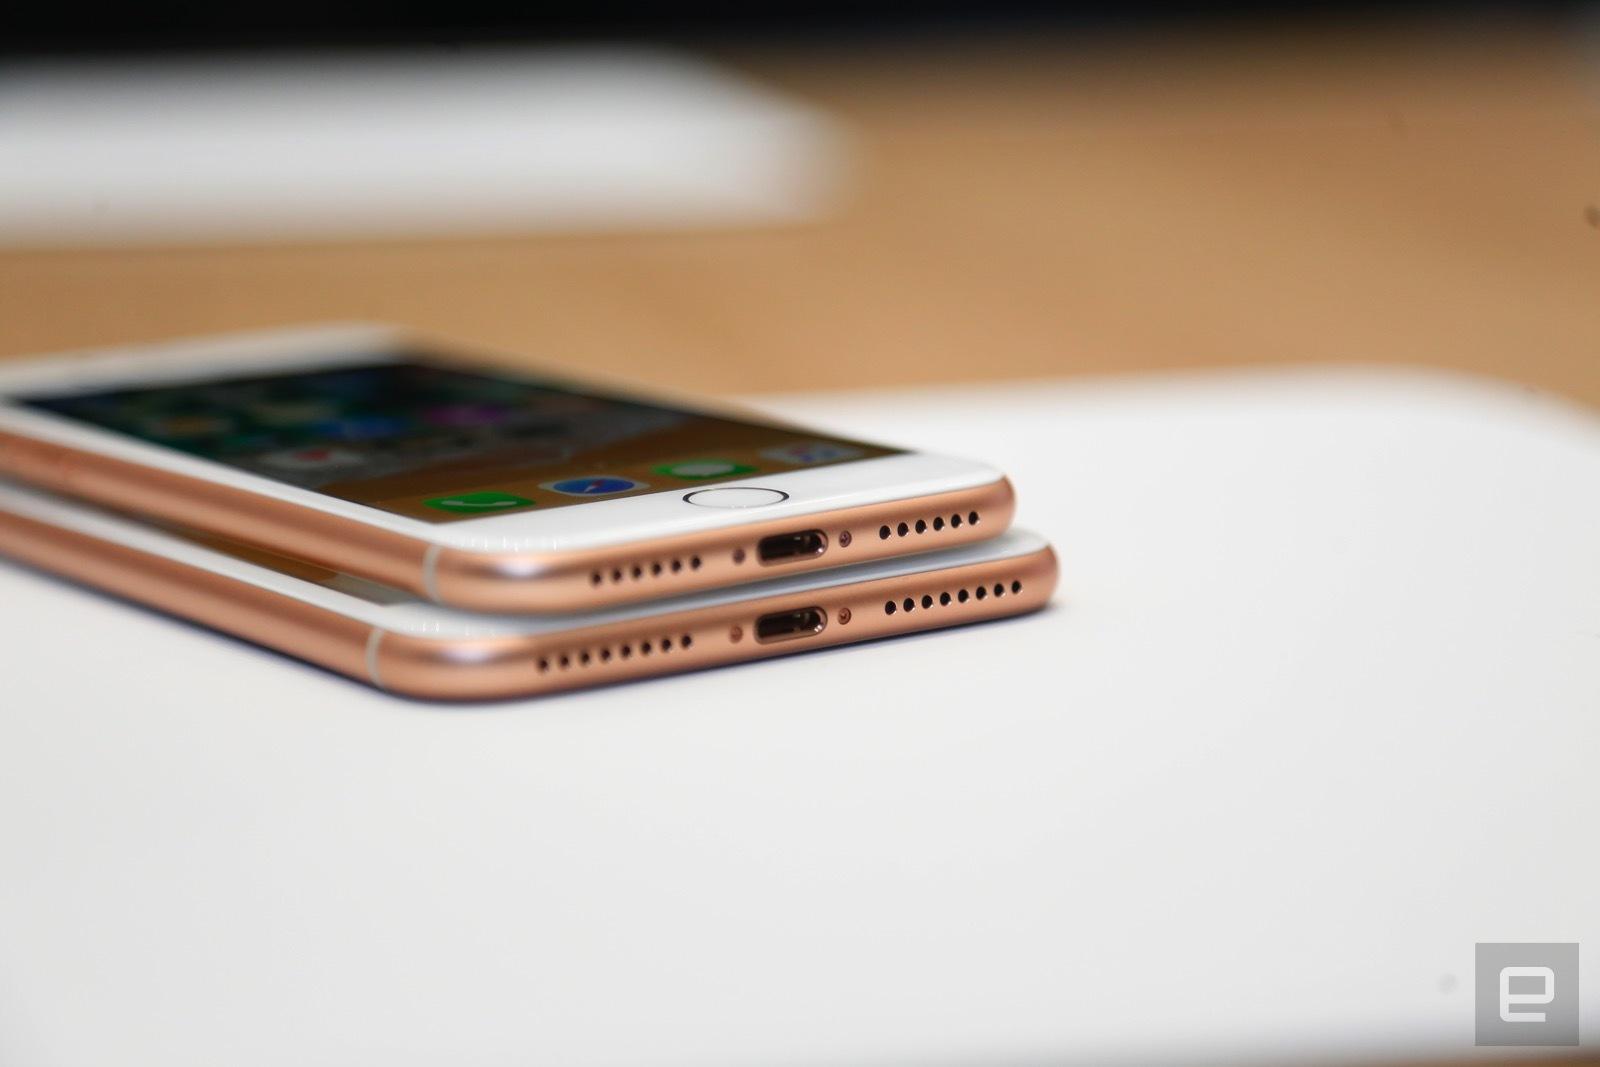 Trên tay iPhone 8 và 8 Plus: Thiết kế cũ nhưng trẻ trung hơn, cấu hình mạnh hơn hình 6